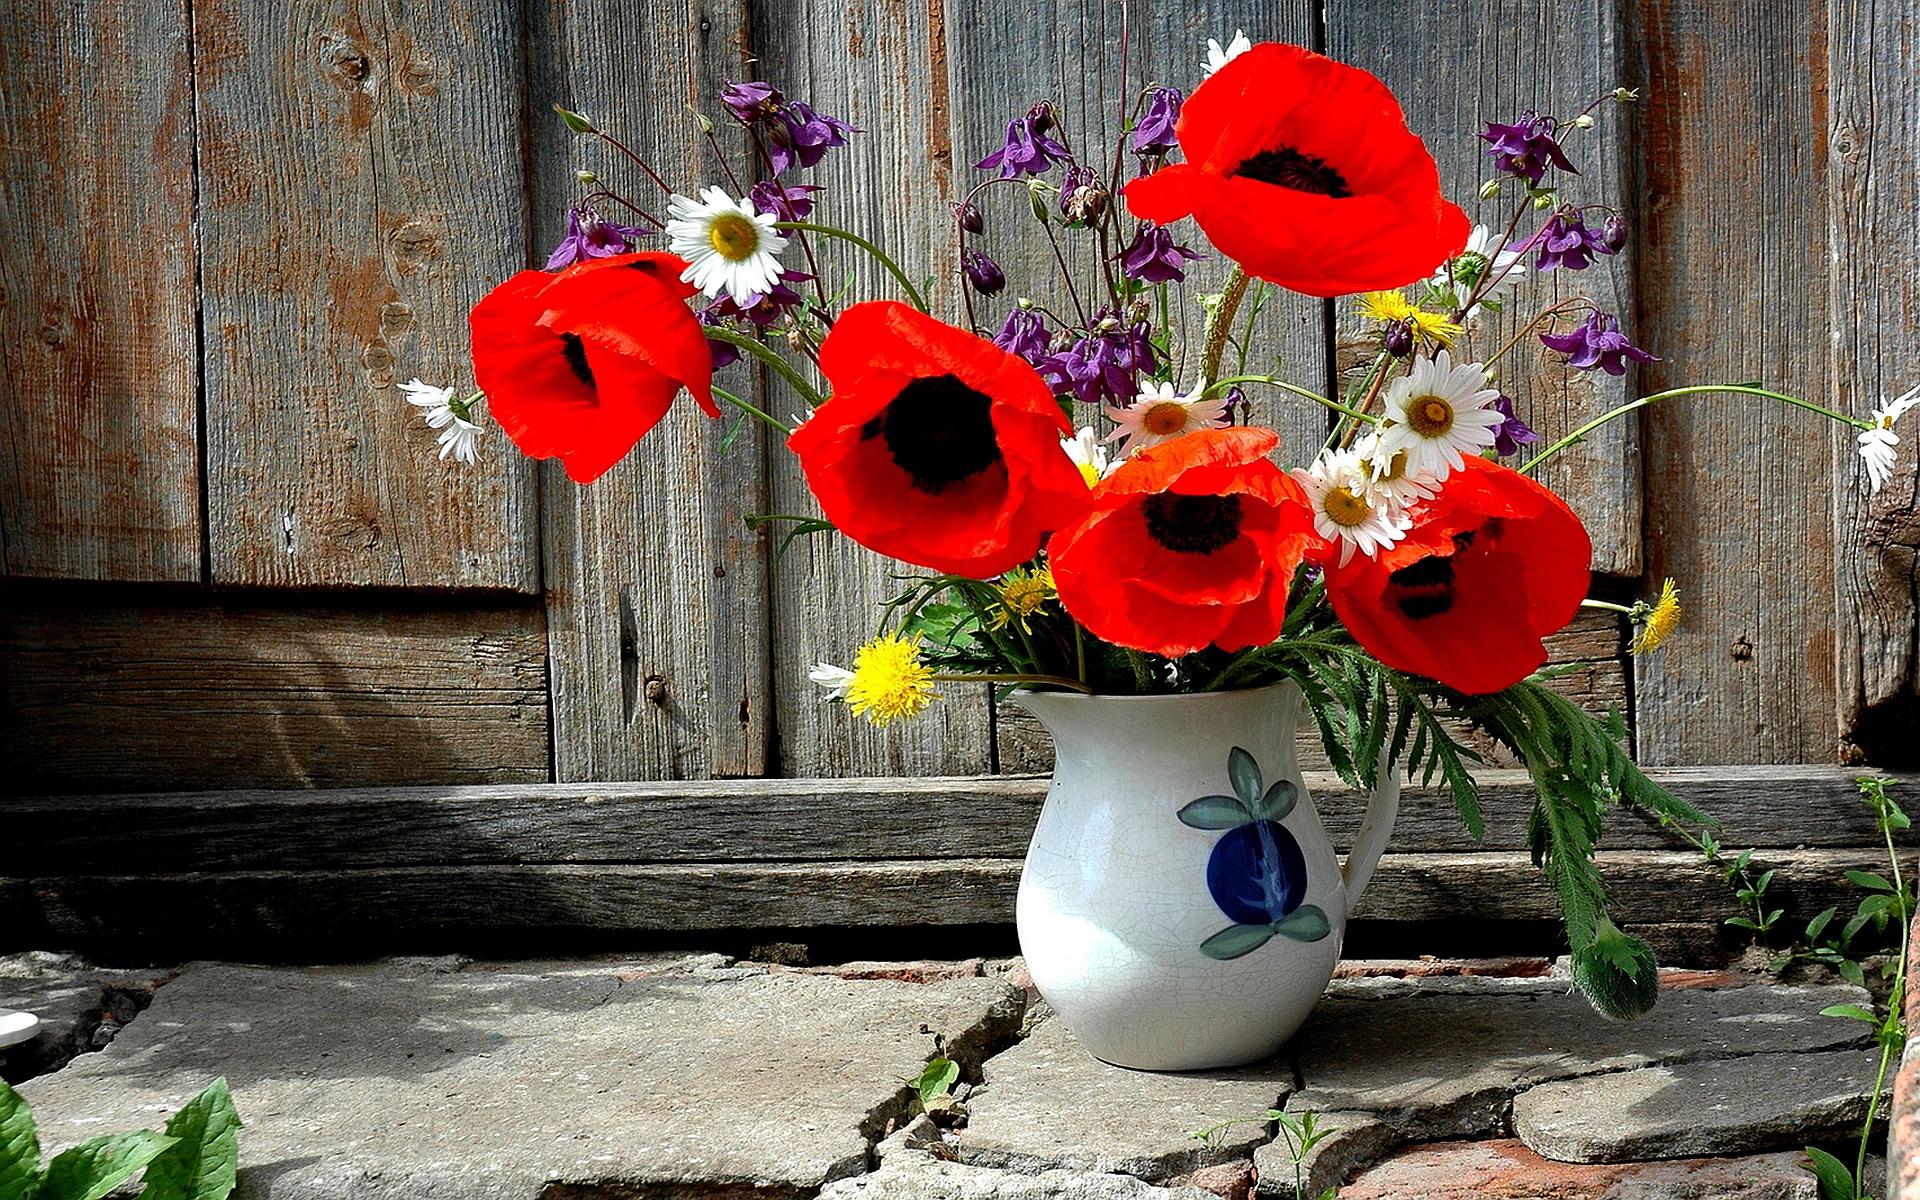 Poppies Beautiful HD Desktop Wallpapers 4k HD